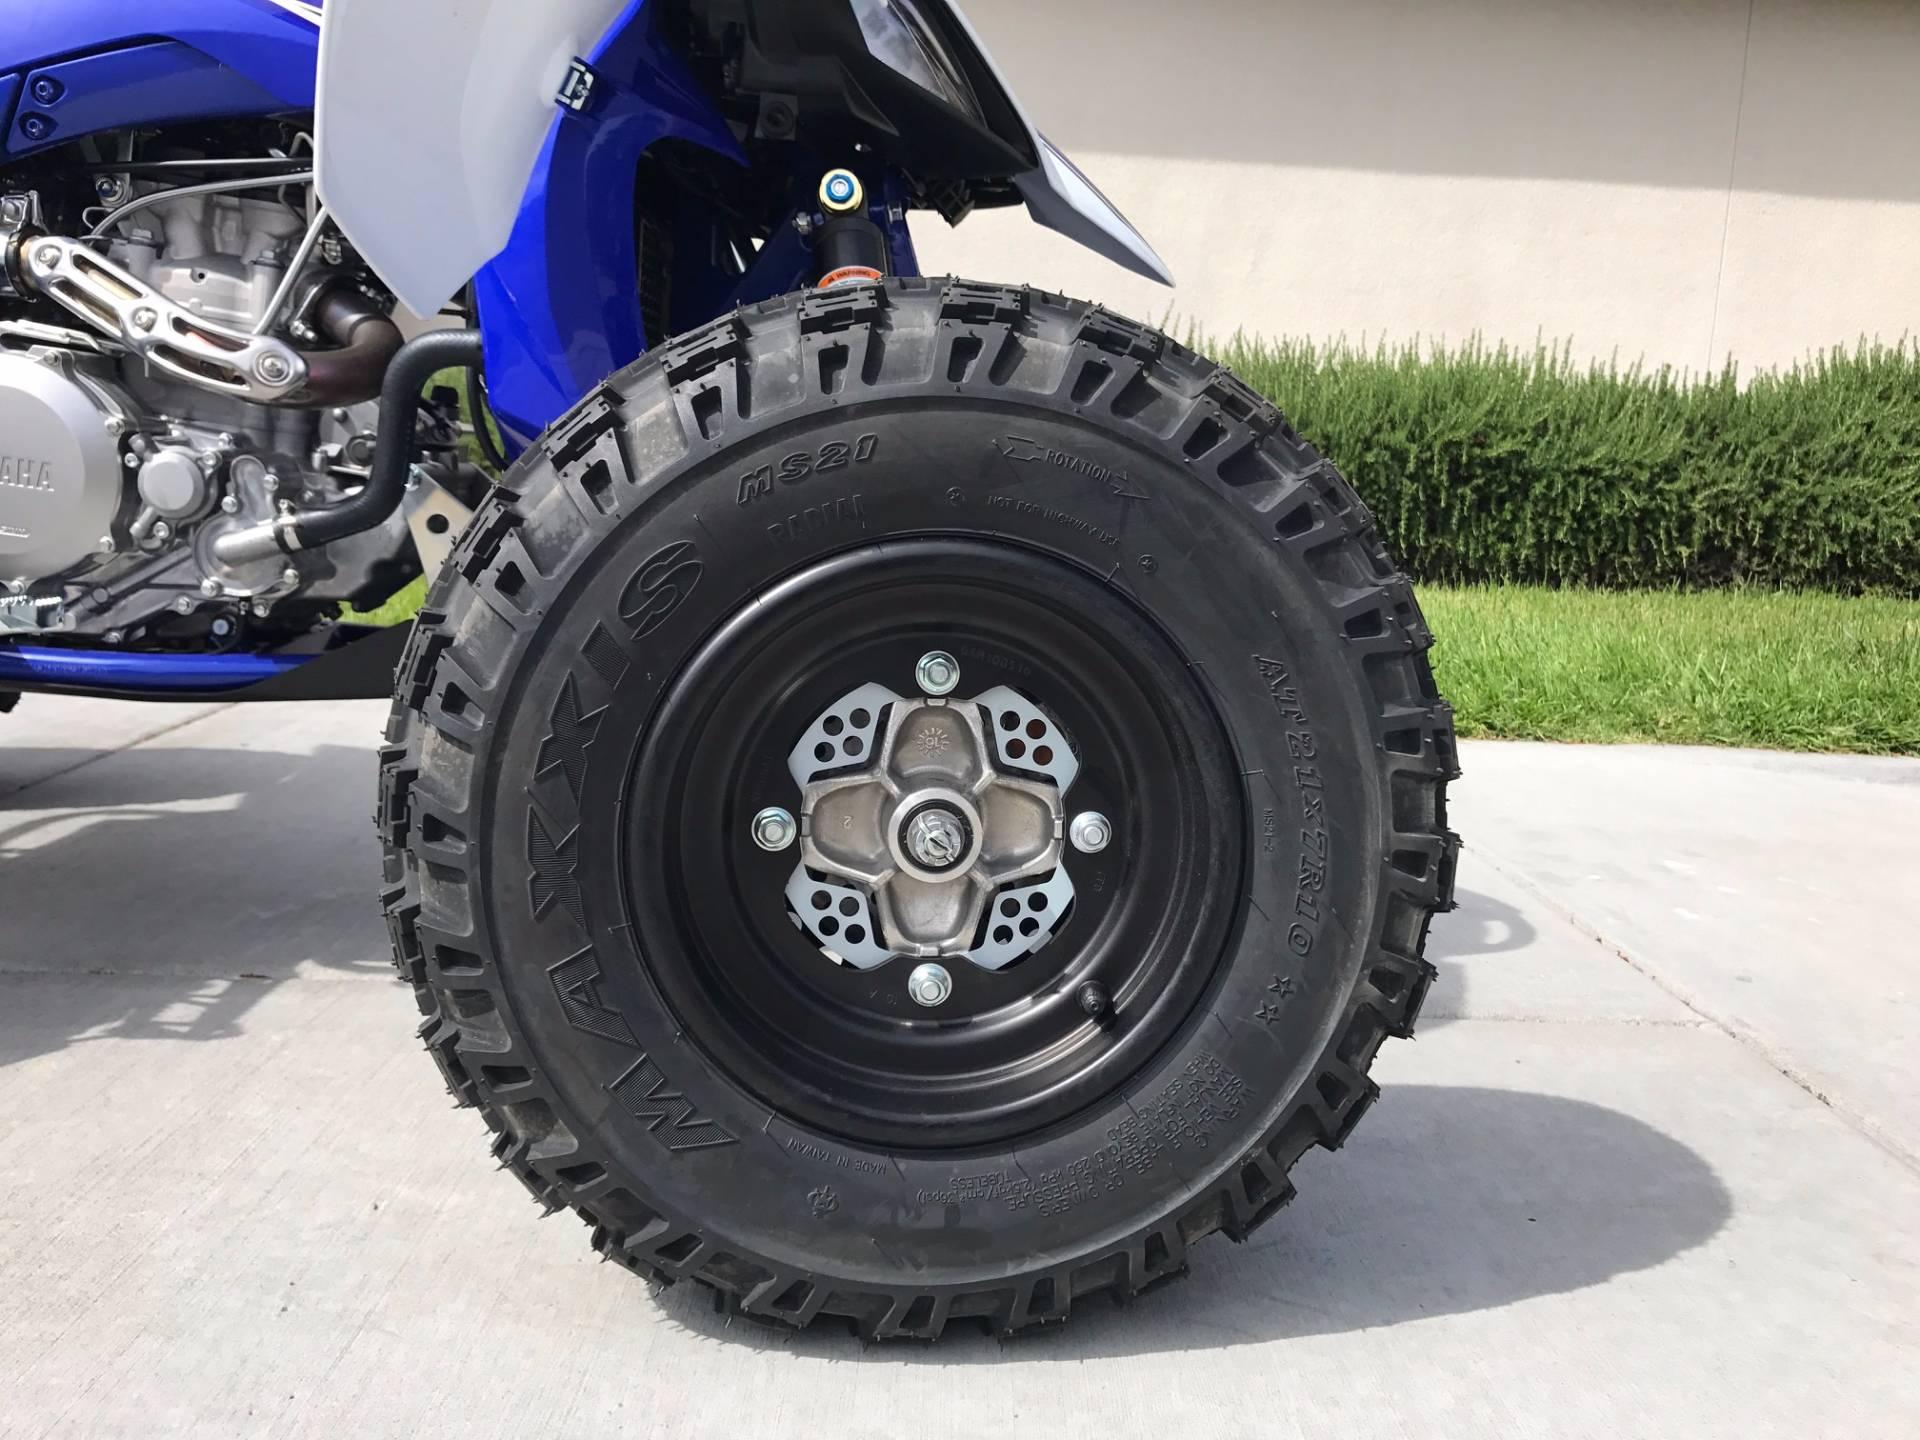 2017 Yamaha YFZ450R 11